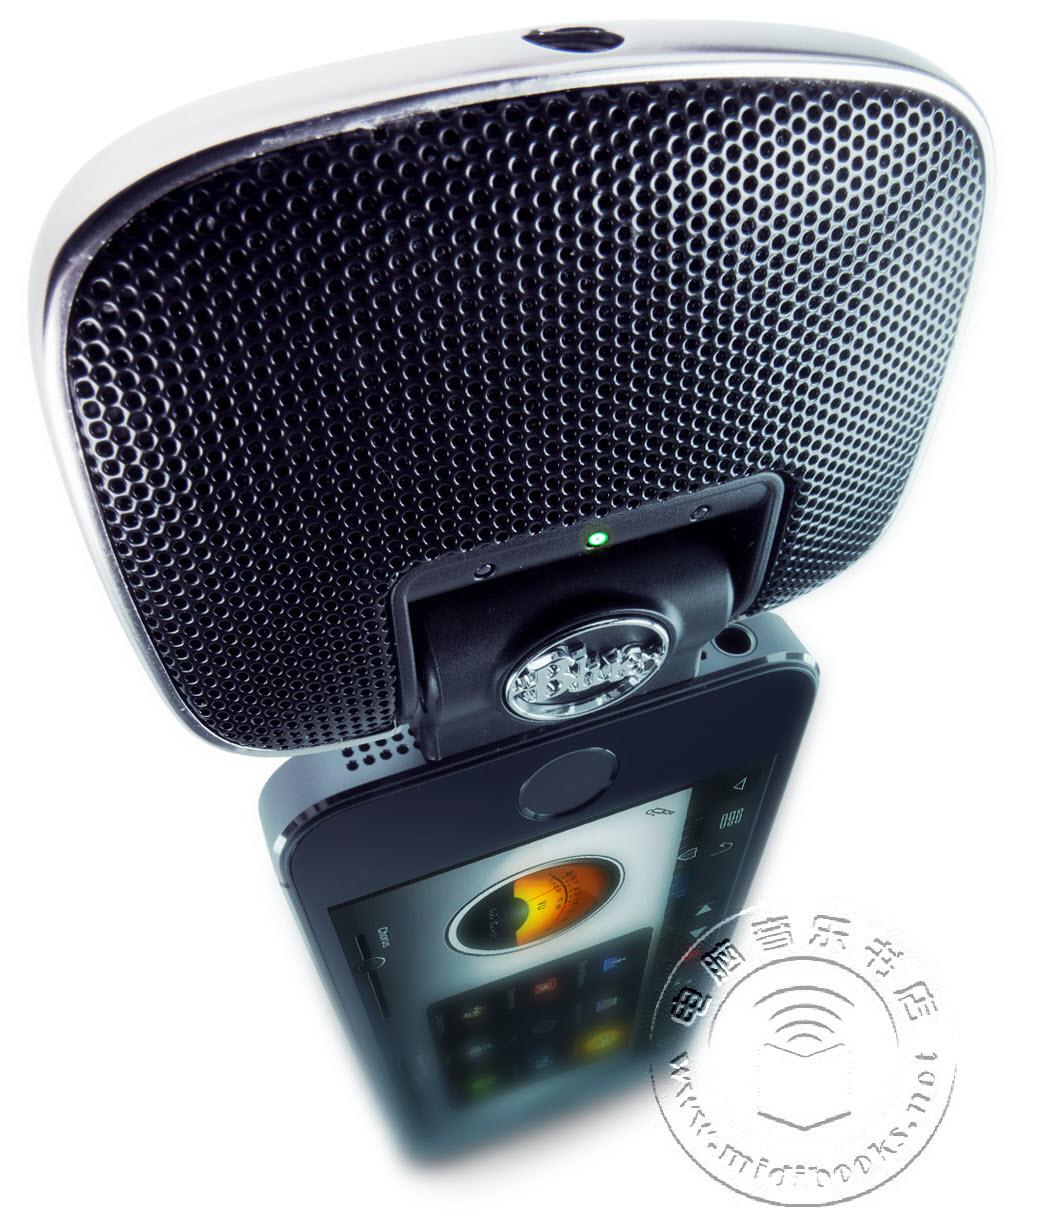 2014年夏季NAMM展会:Blue Microphones发布带有闪电接口的Mikey Digital麦克风【视频】